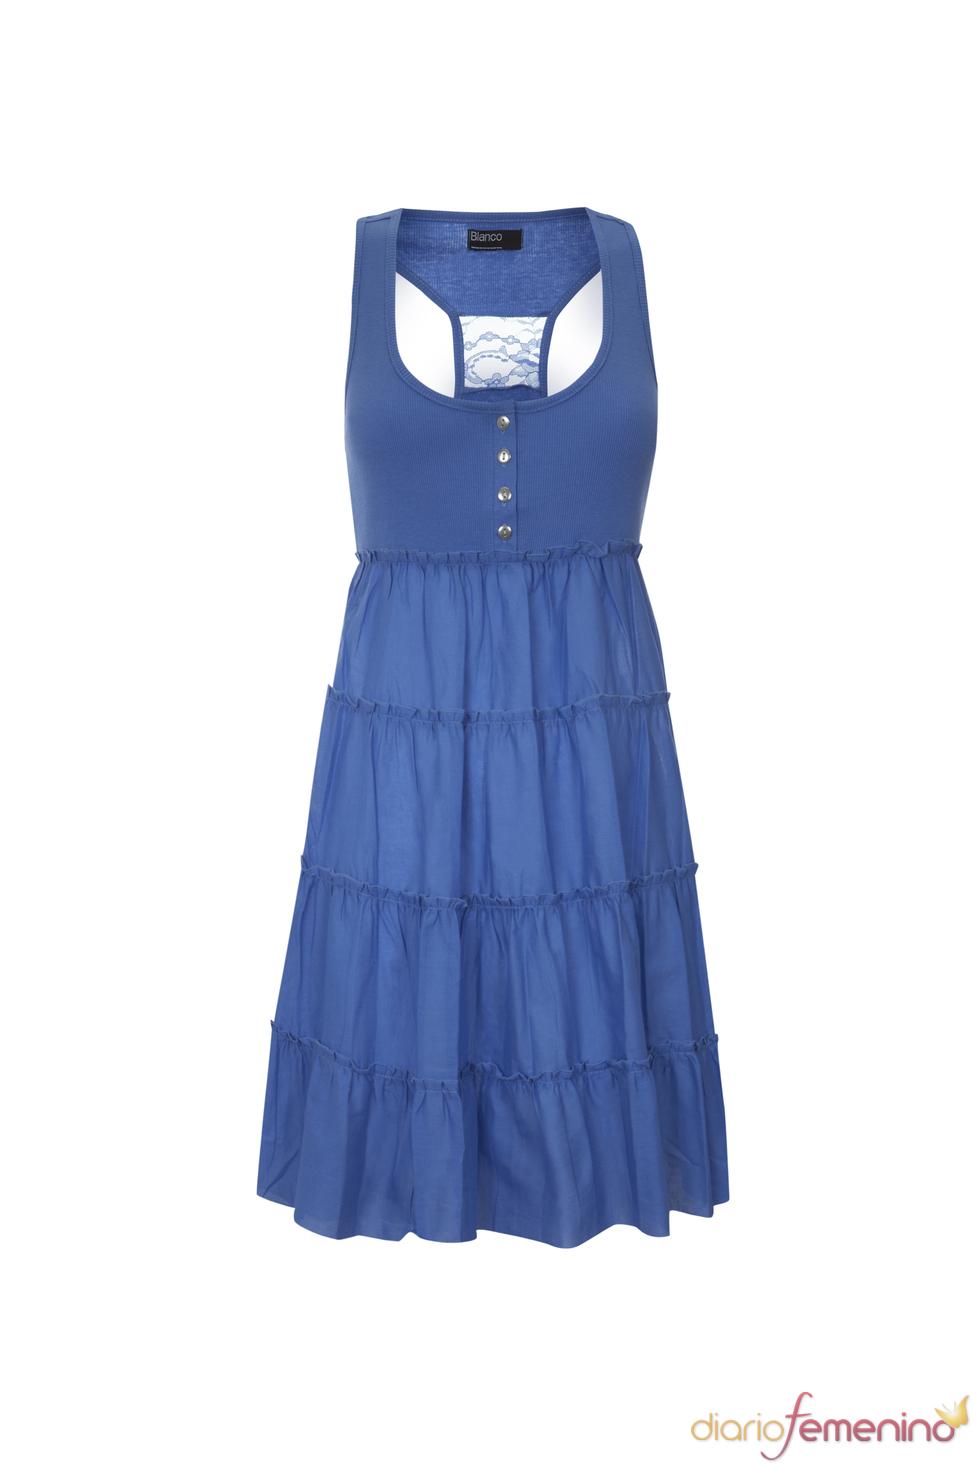 Vestido playero en color azul de la primavera 2011 de Blanco